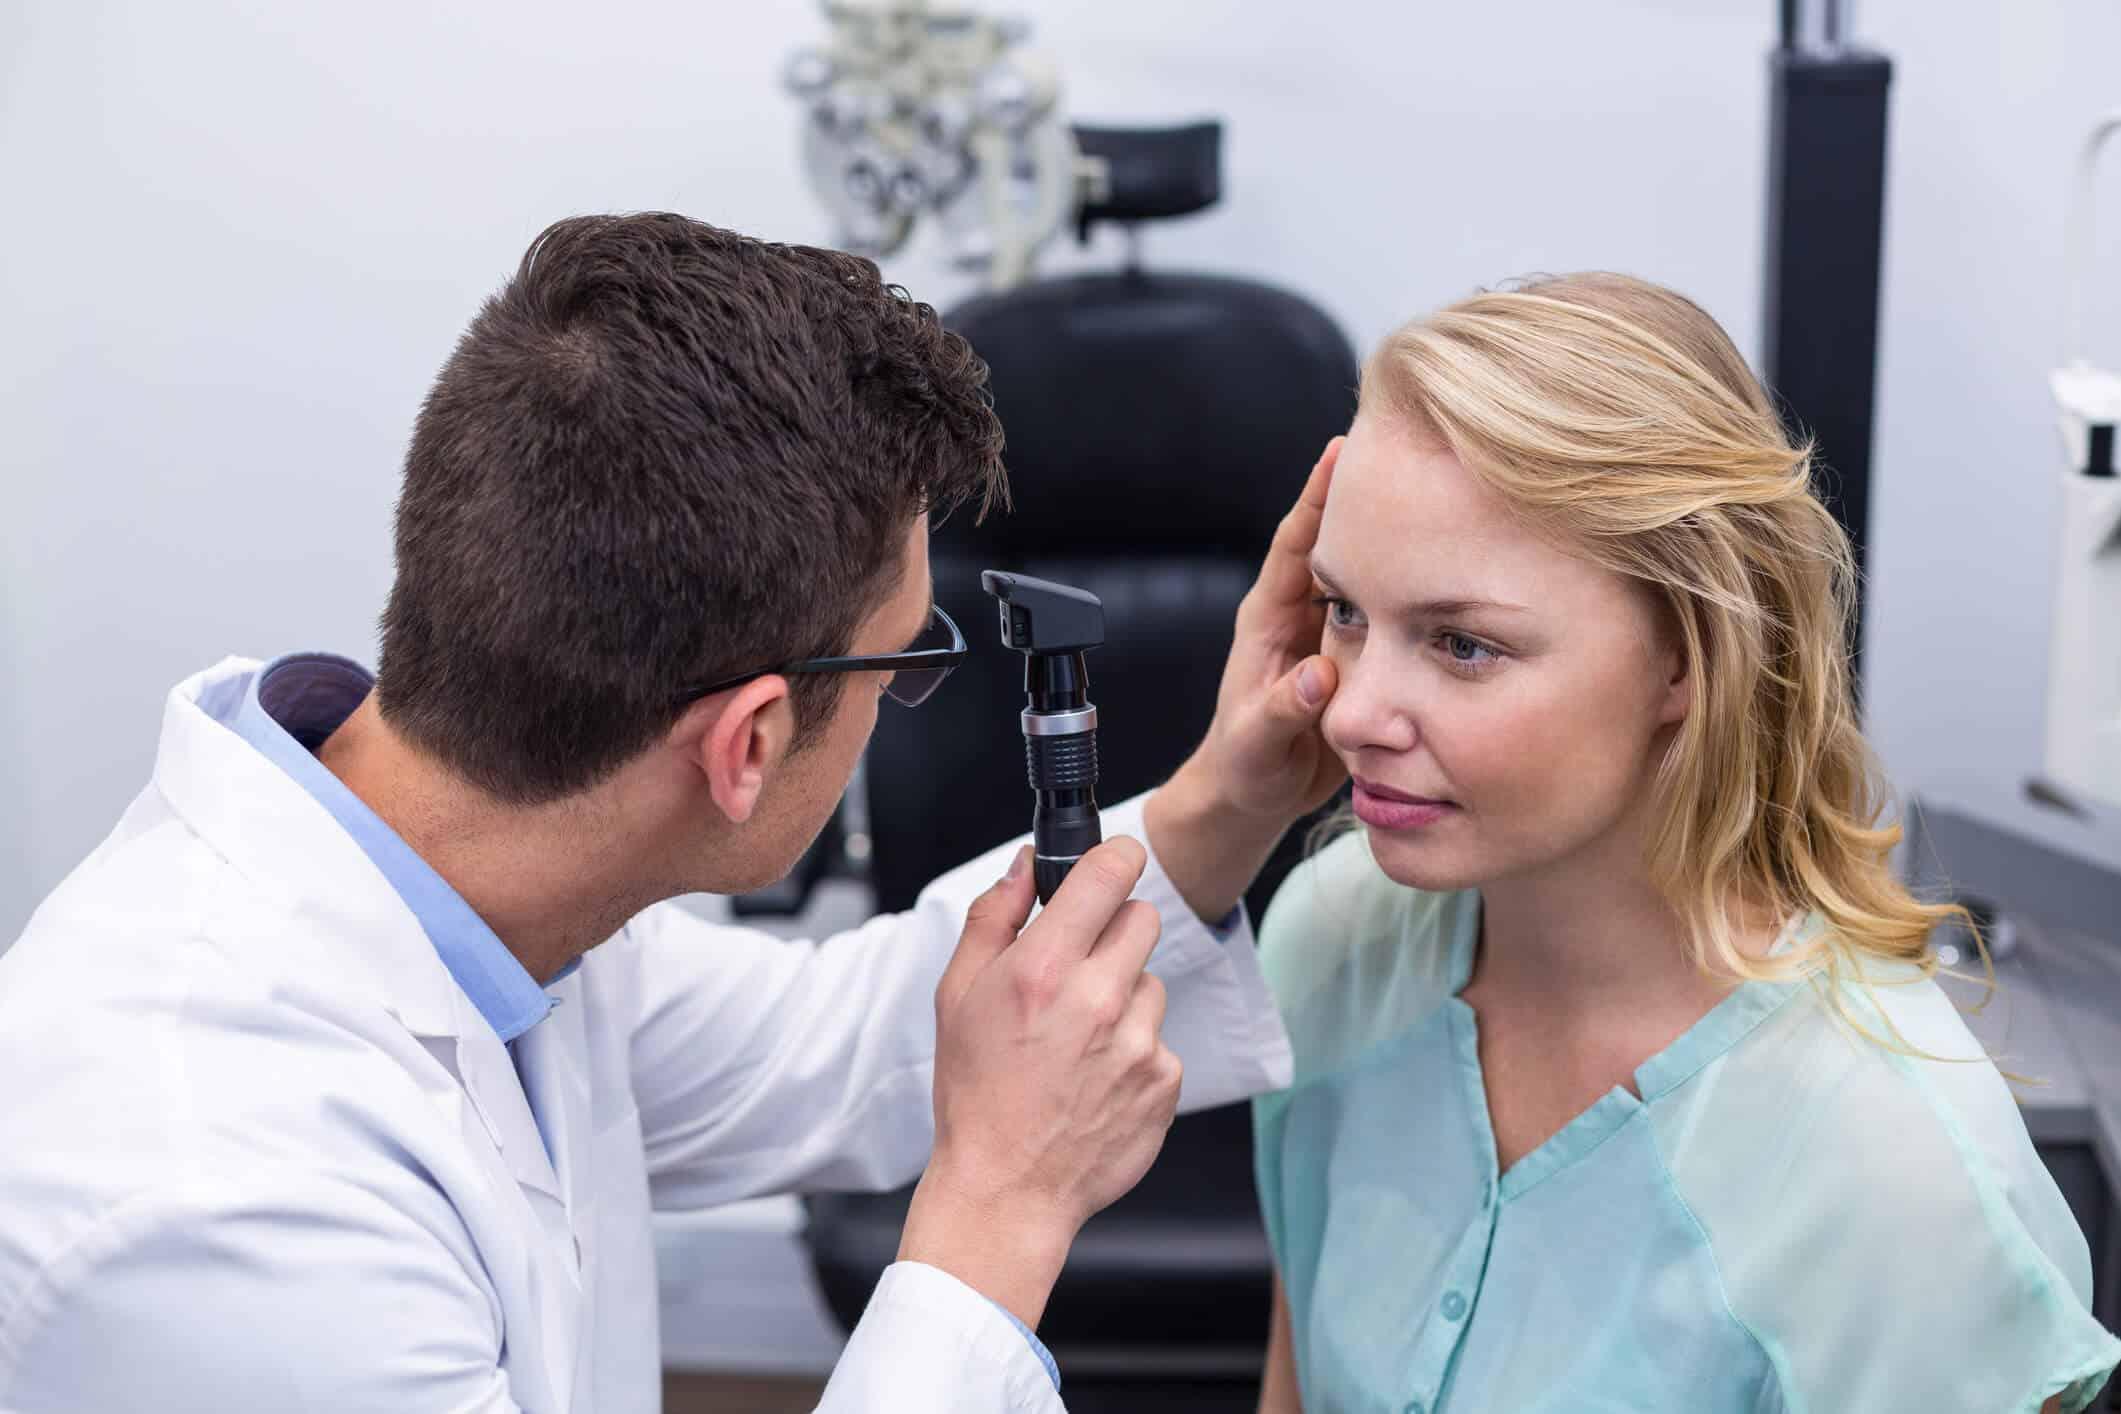 Oftalmologista homem examina paciente mulher com oftalmoscópio | para que serve o oftalmoscópio